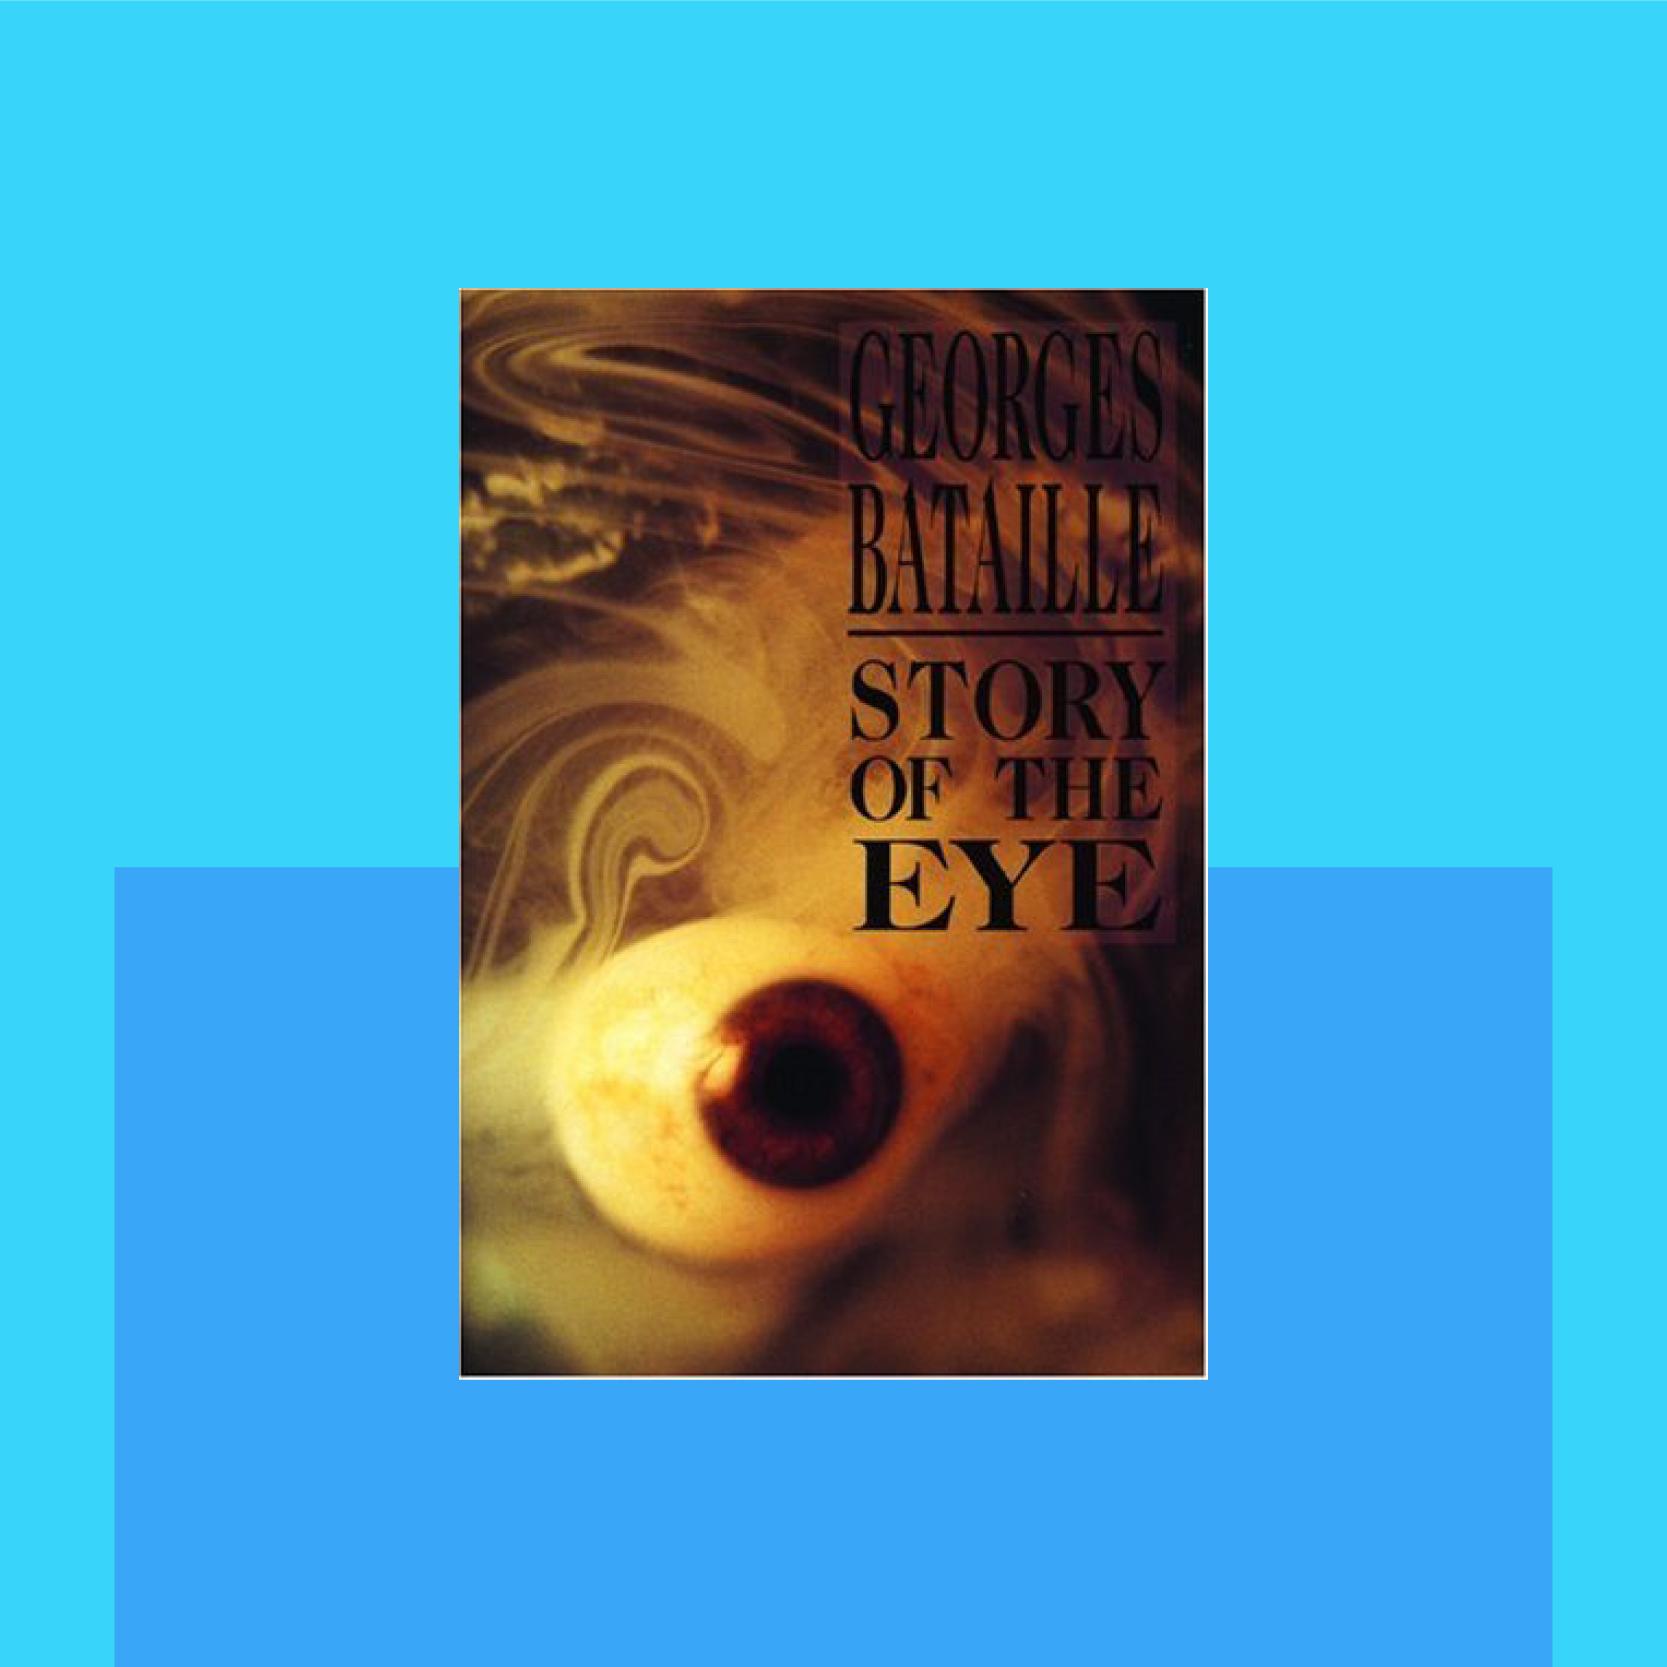 Story-of-the-Eye.jpg